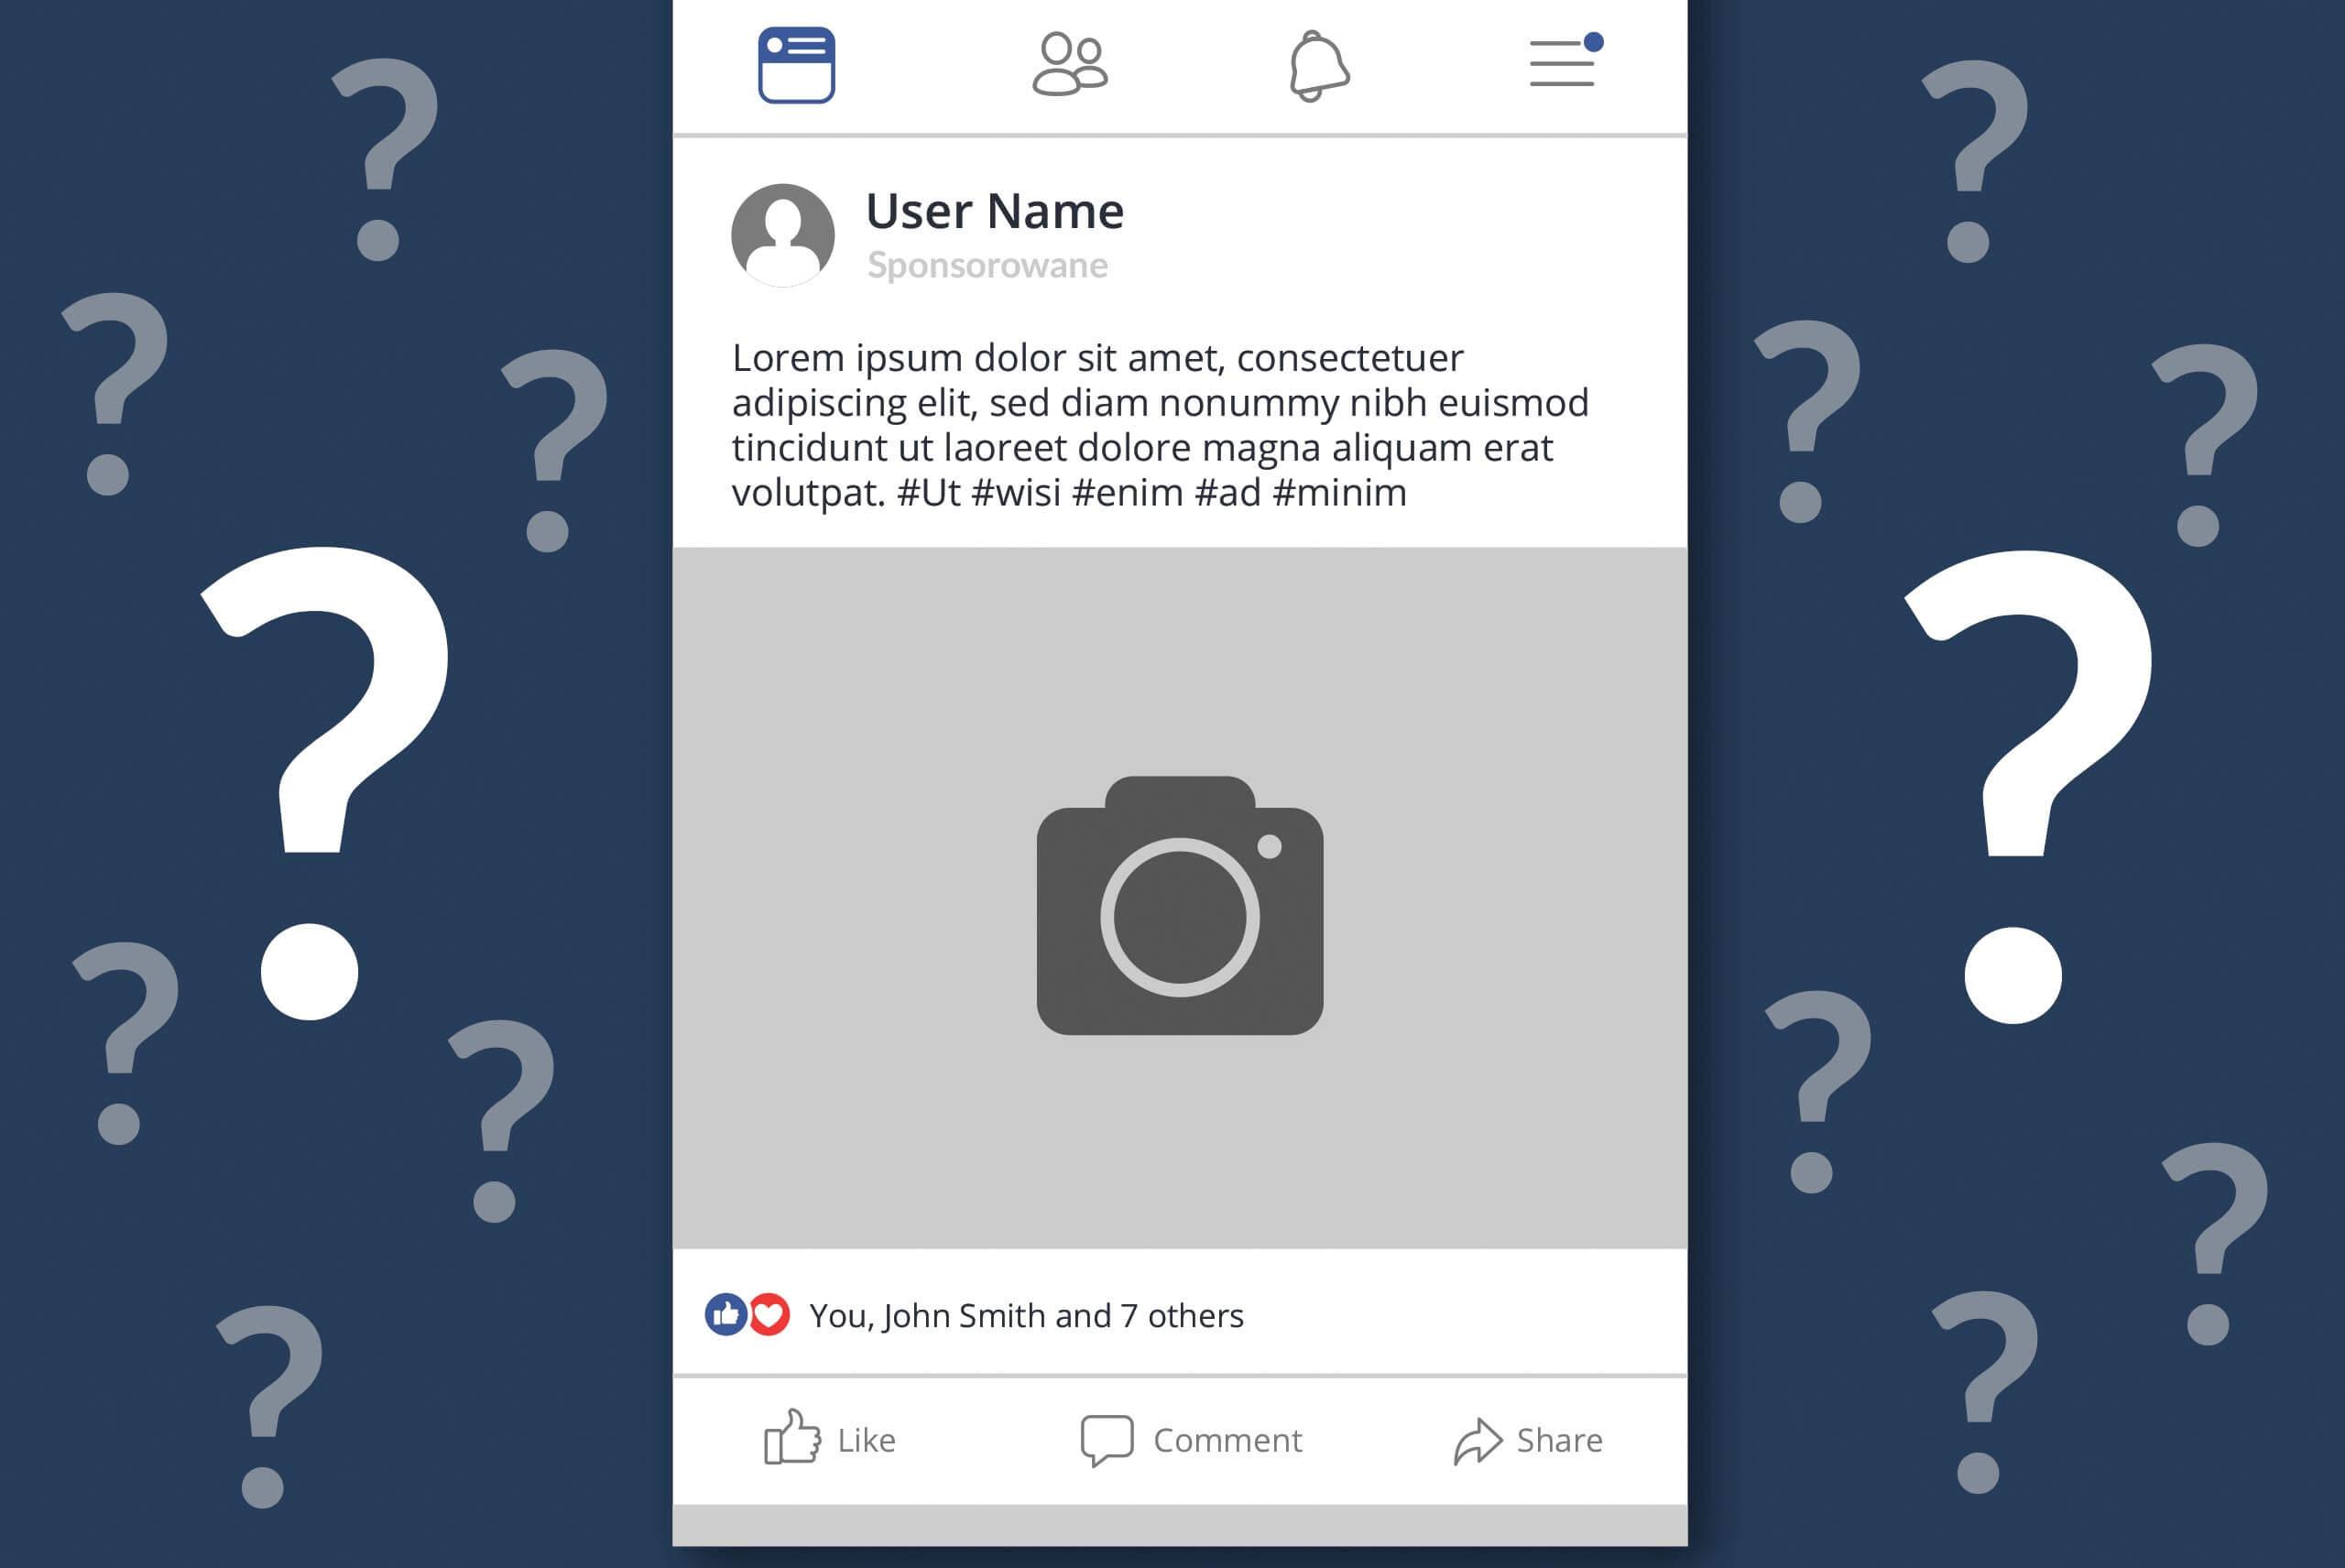 jak optymalizować reklamy na facebooku